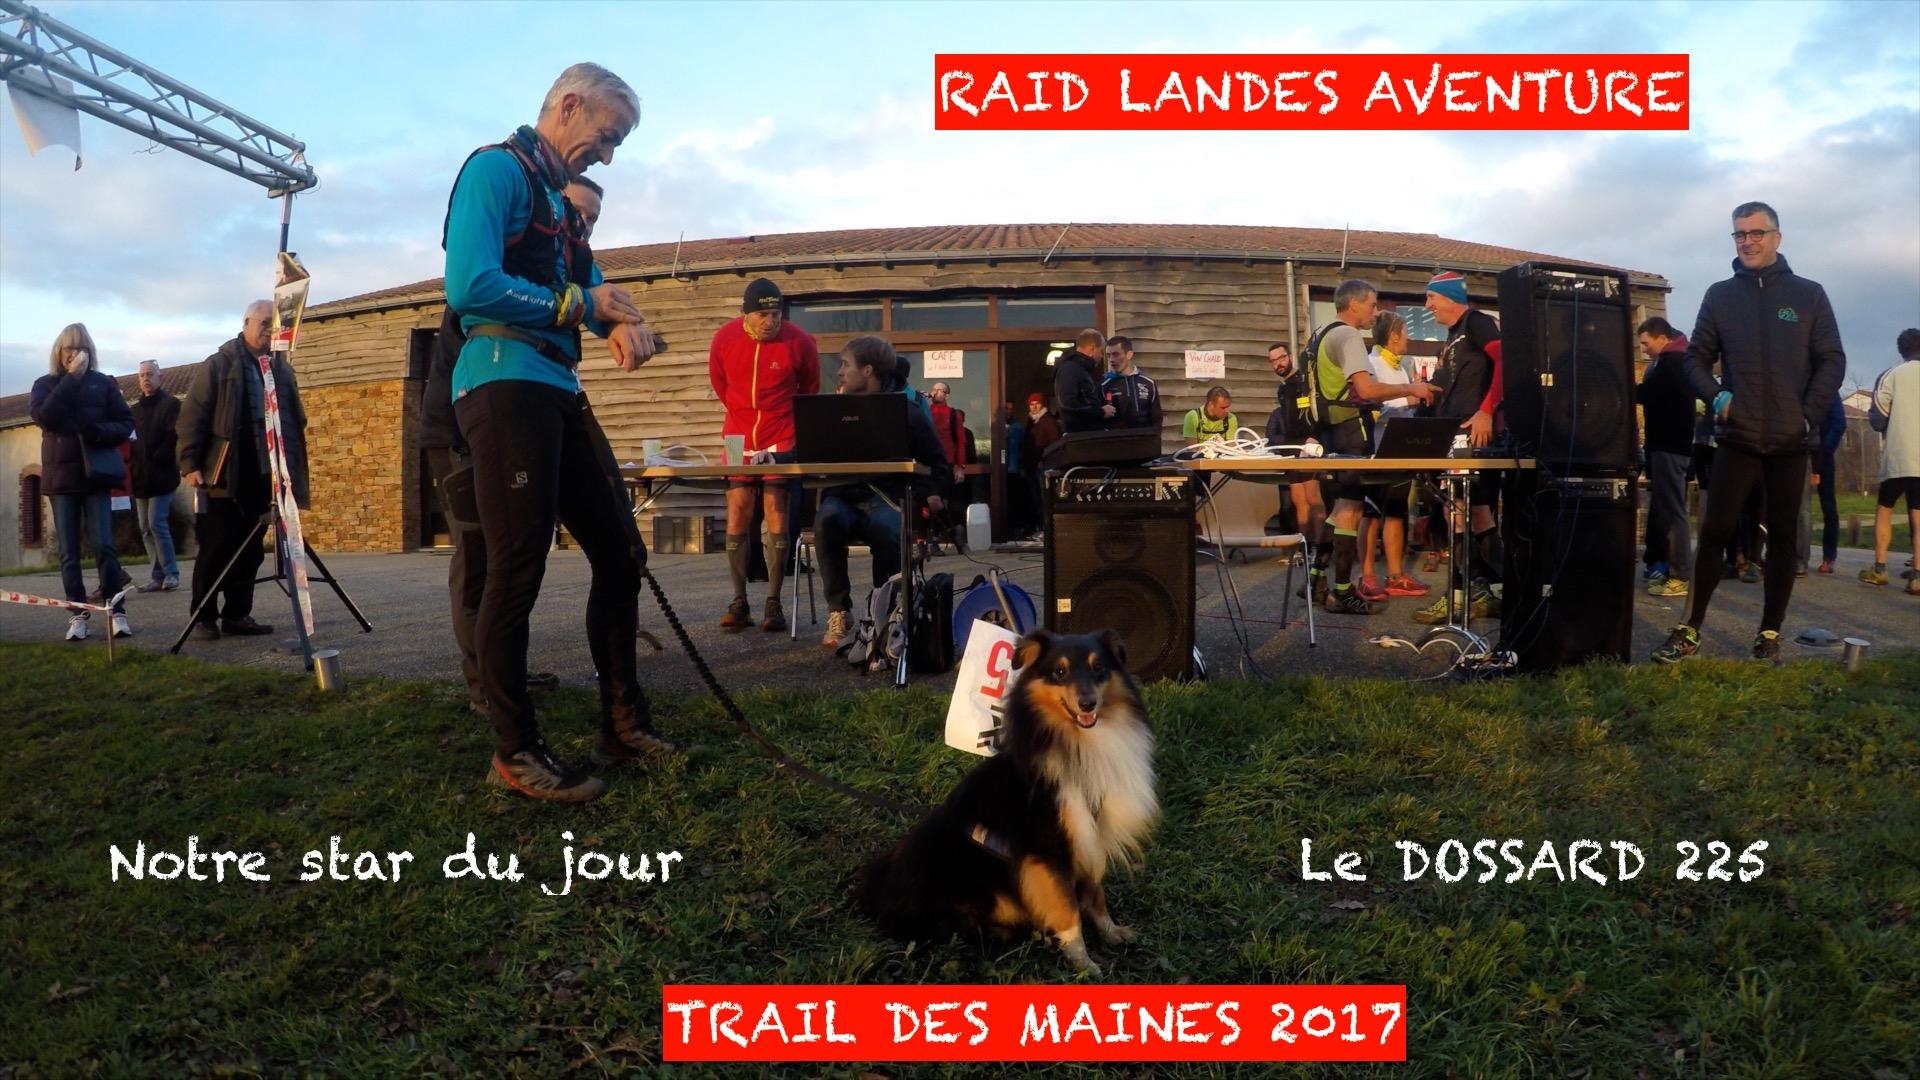 Trail des maines1